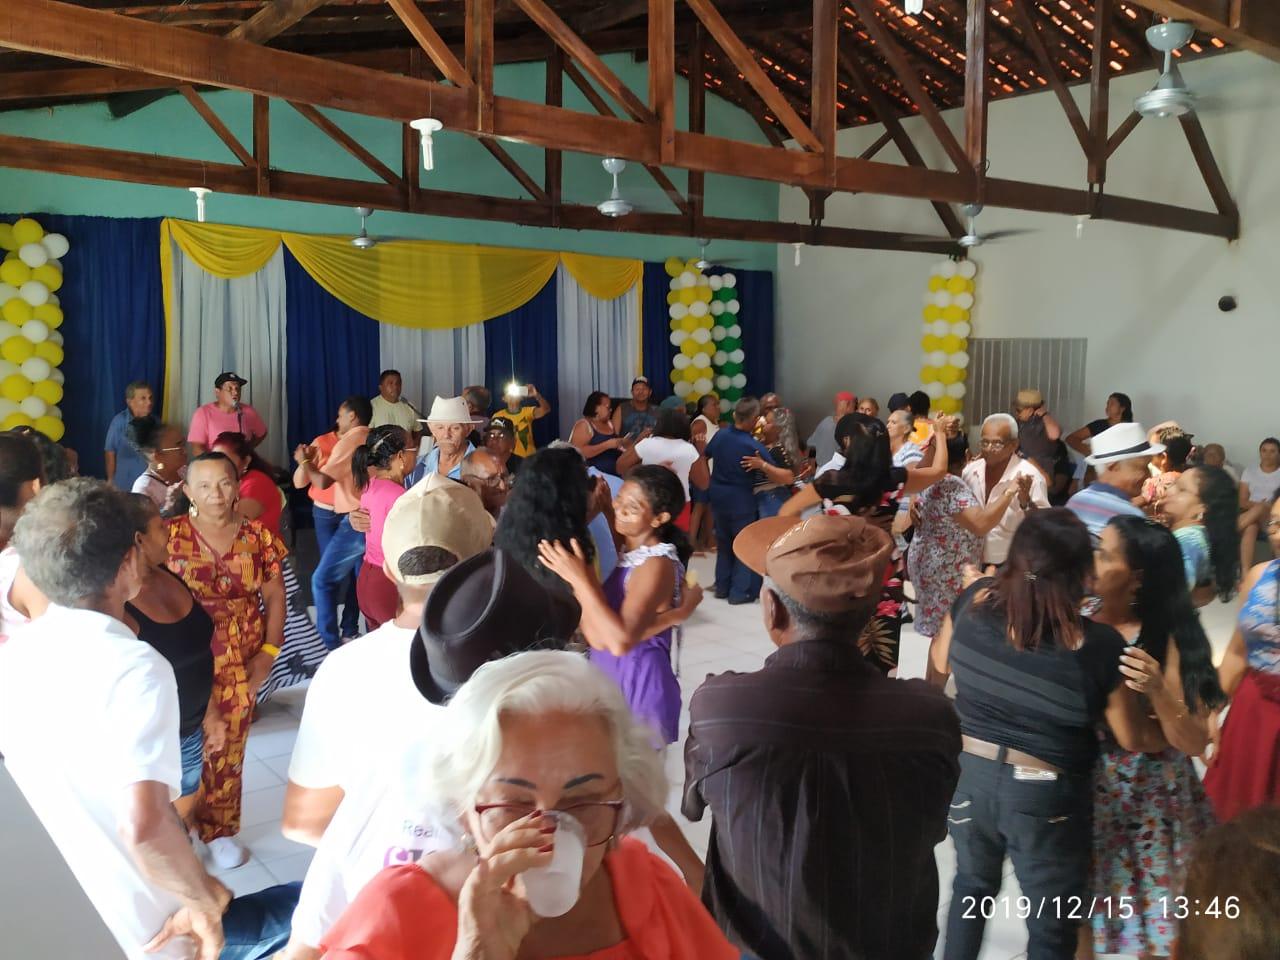 Com um grande baile prefeitura faz encerramento do tradicional Forró dos idosos em Monsenhor Gil  - Imagem 18